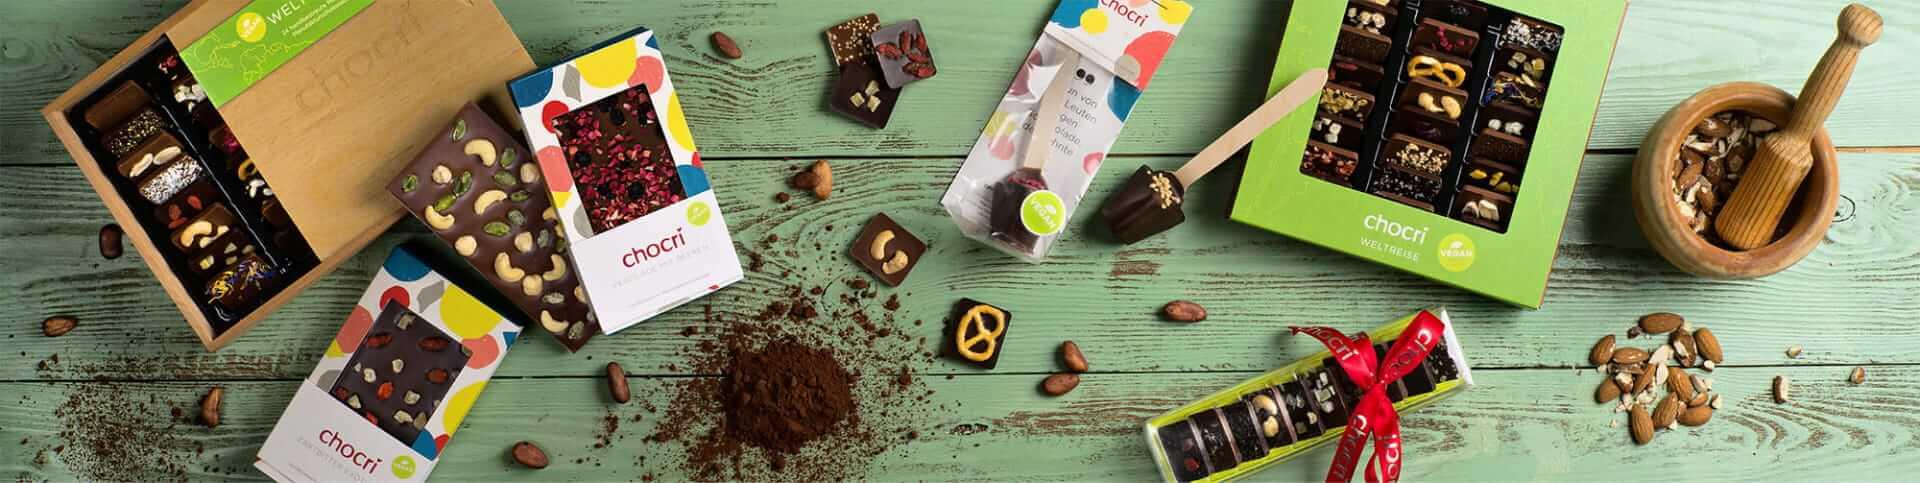 vegane Schokolade aus Reismilch mit verschiedenen Bestreeungen - das passende Geschenk fuer Veganer findet ihr im chocri Shop